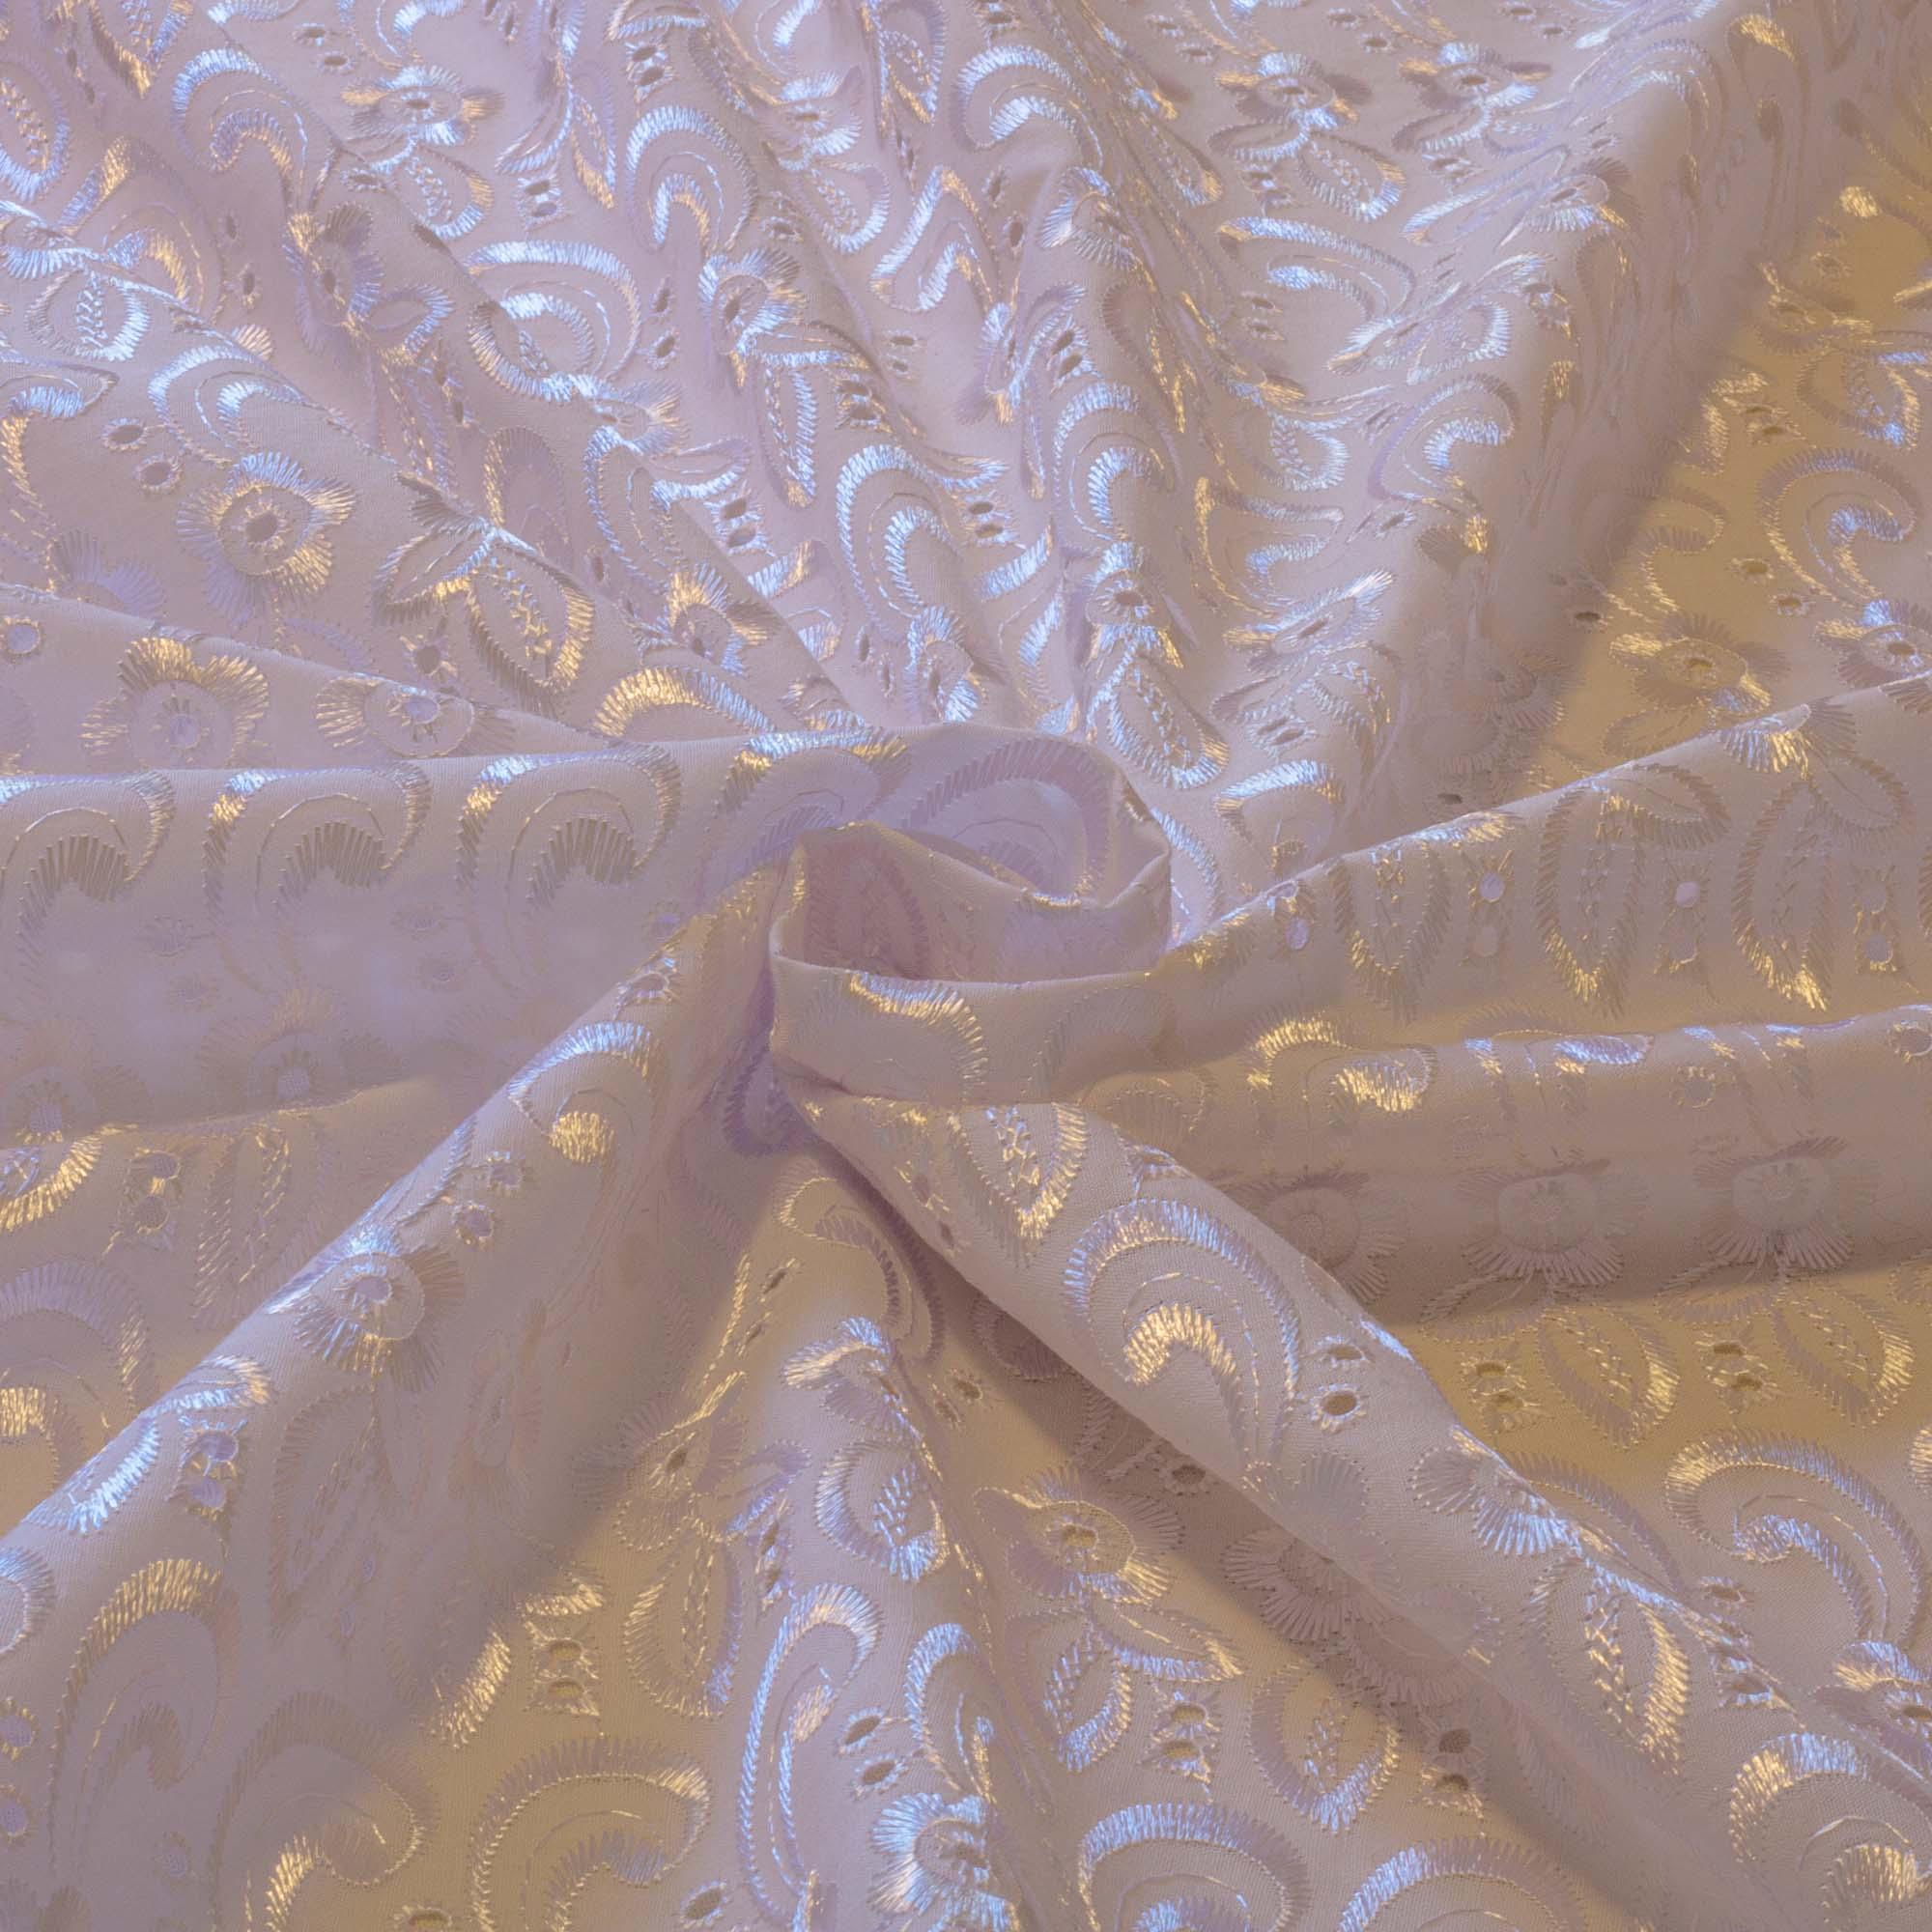 Tecido Laise Branca 80% Poliéster 20% Algodão 1,40 Mt Largura